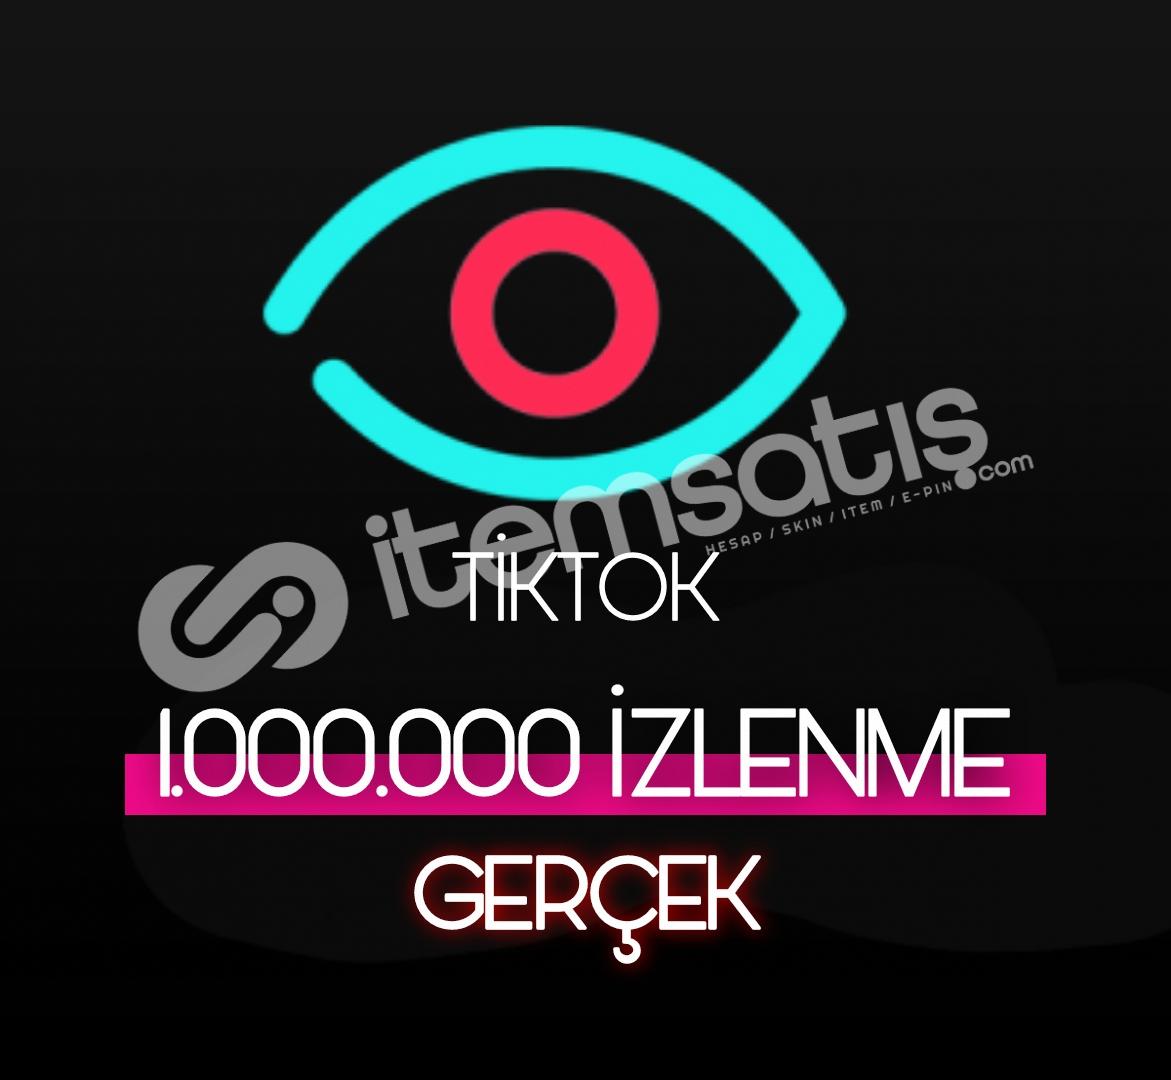 1.000.000 Tiktok Gerçek İzleyici (Keşfet etkili)